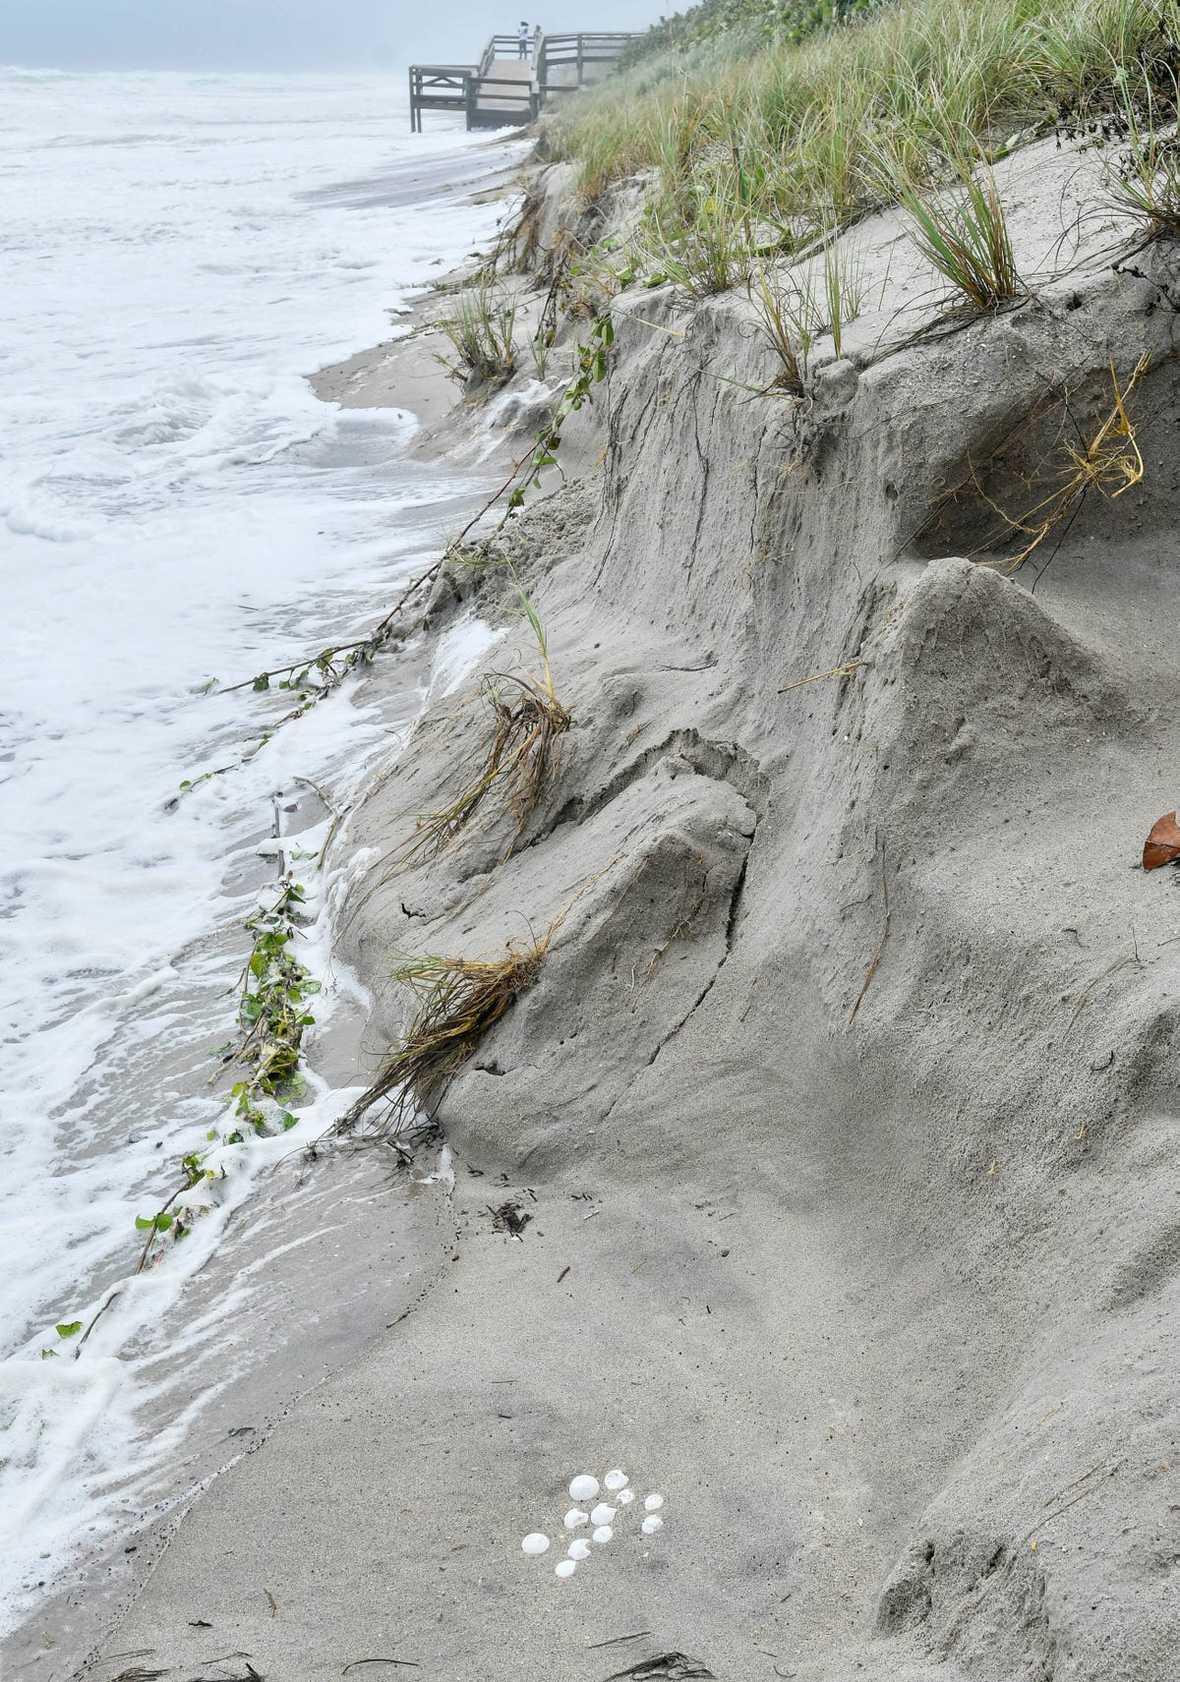 dorian beach